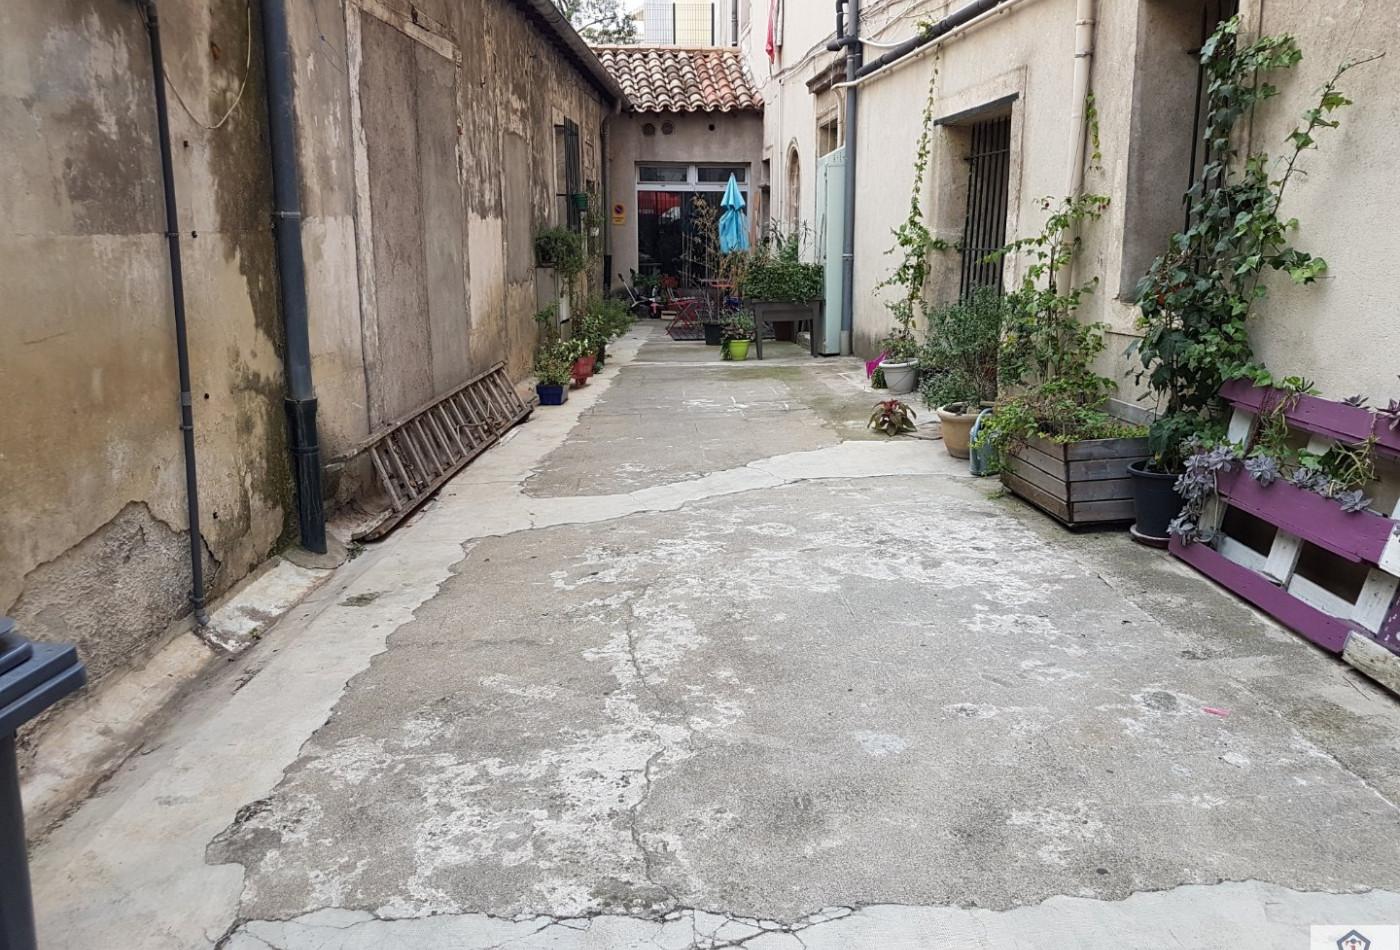 A vendre  Montpellier | Réf 3448216896 - Immobilier entreprises